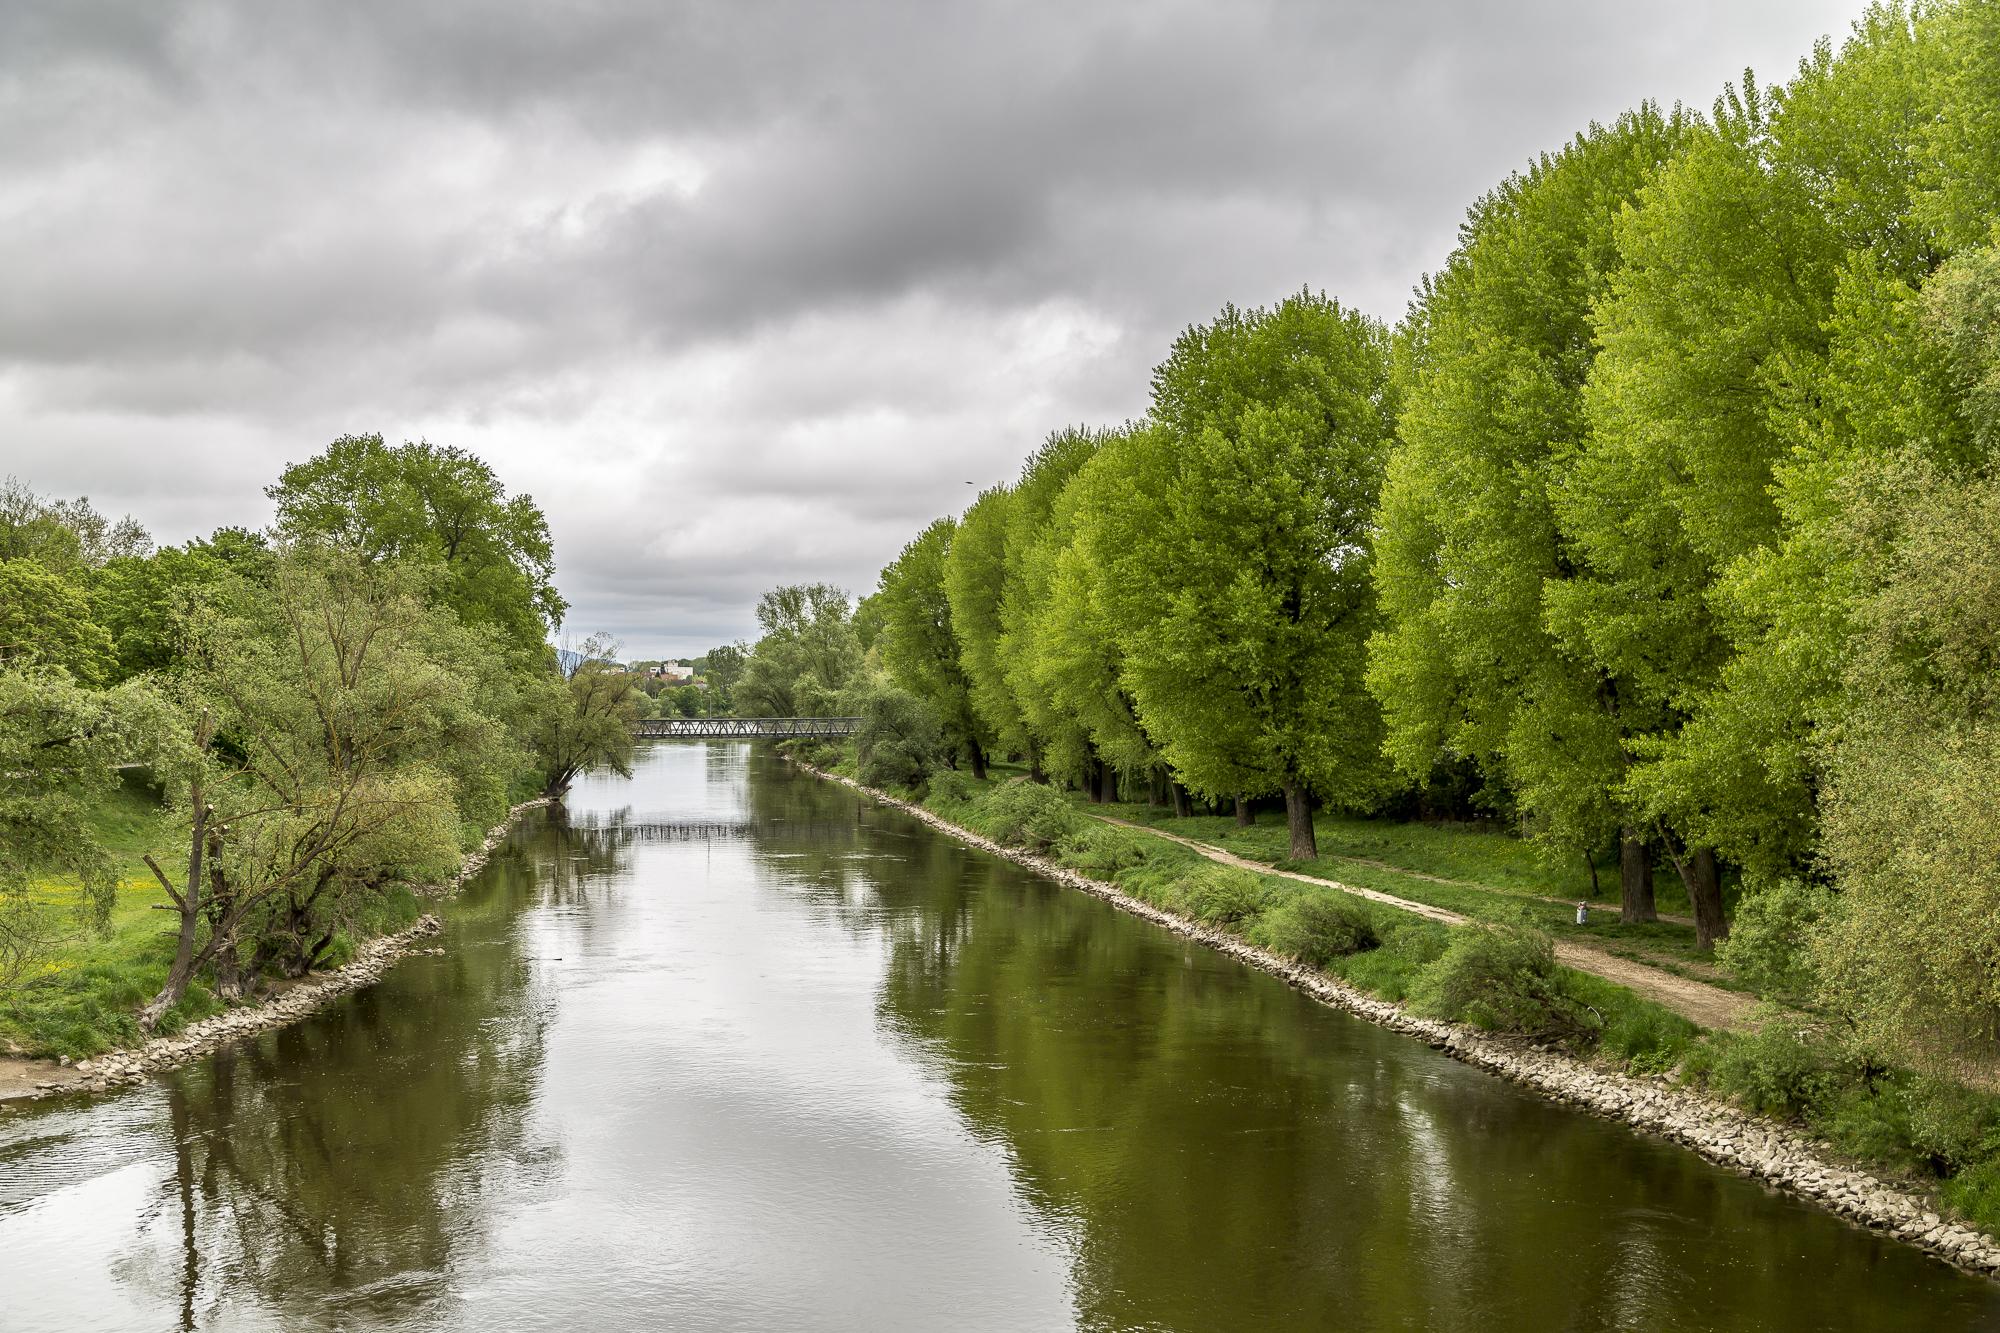 welcher fluss fließt durch regensburg